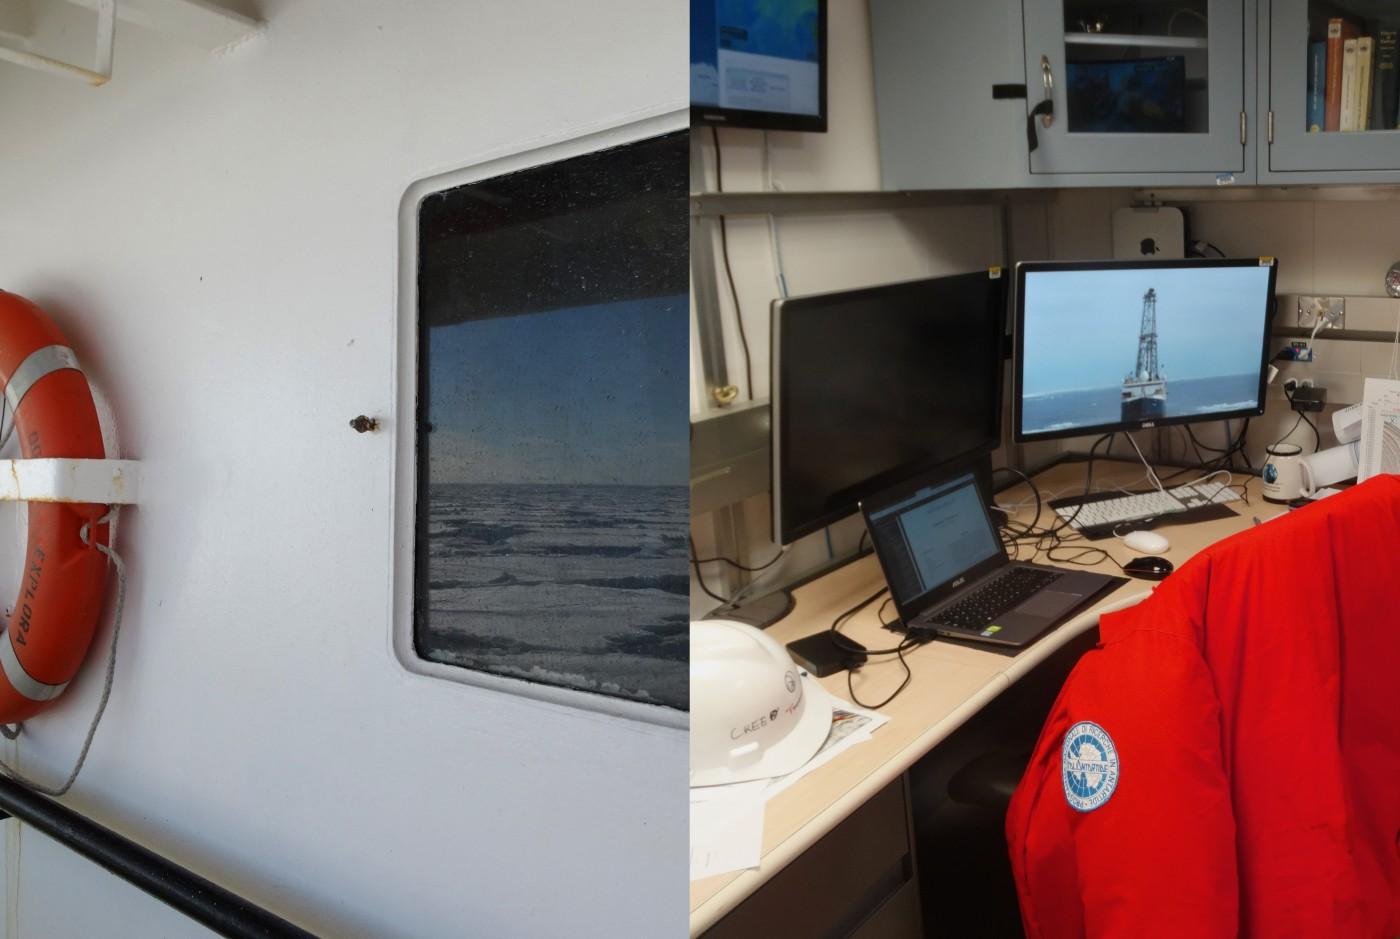 Alcuni scatti a bordo della nave OGS Explora (a sinistra) e della Joides Resolution (a destra). Nel dettaglio, l'ufficio e la scrivania di Laura De Santis